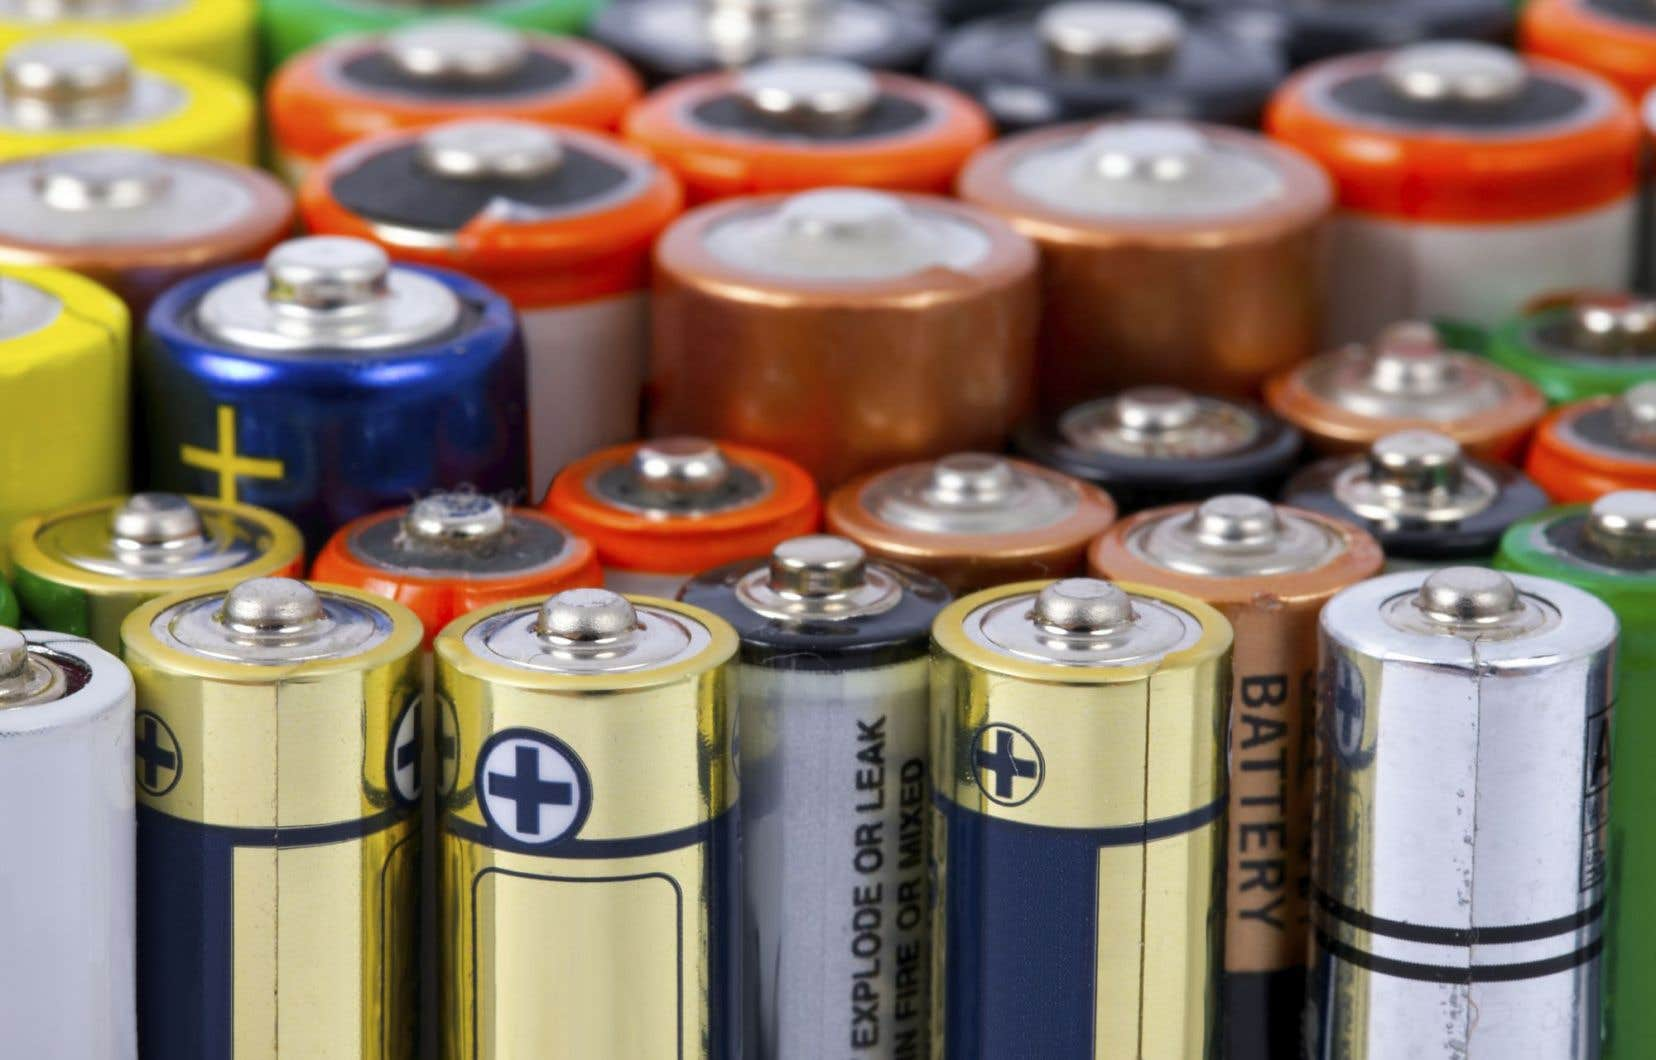 La nouvelle technologie despiles rechargeablespourra être développée et commercialisée de manière abordable dans un avenir pas si lointain.